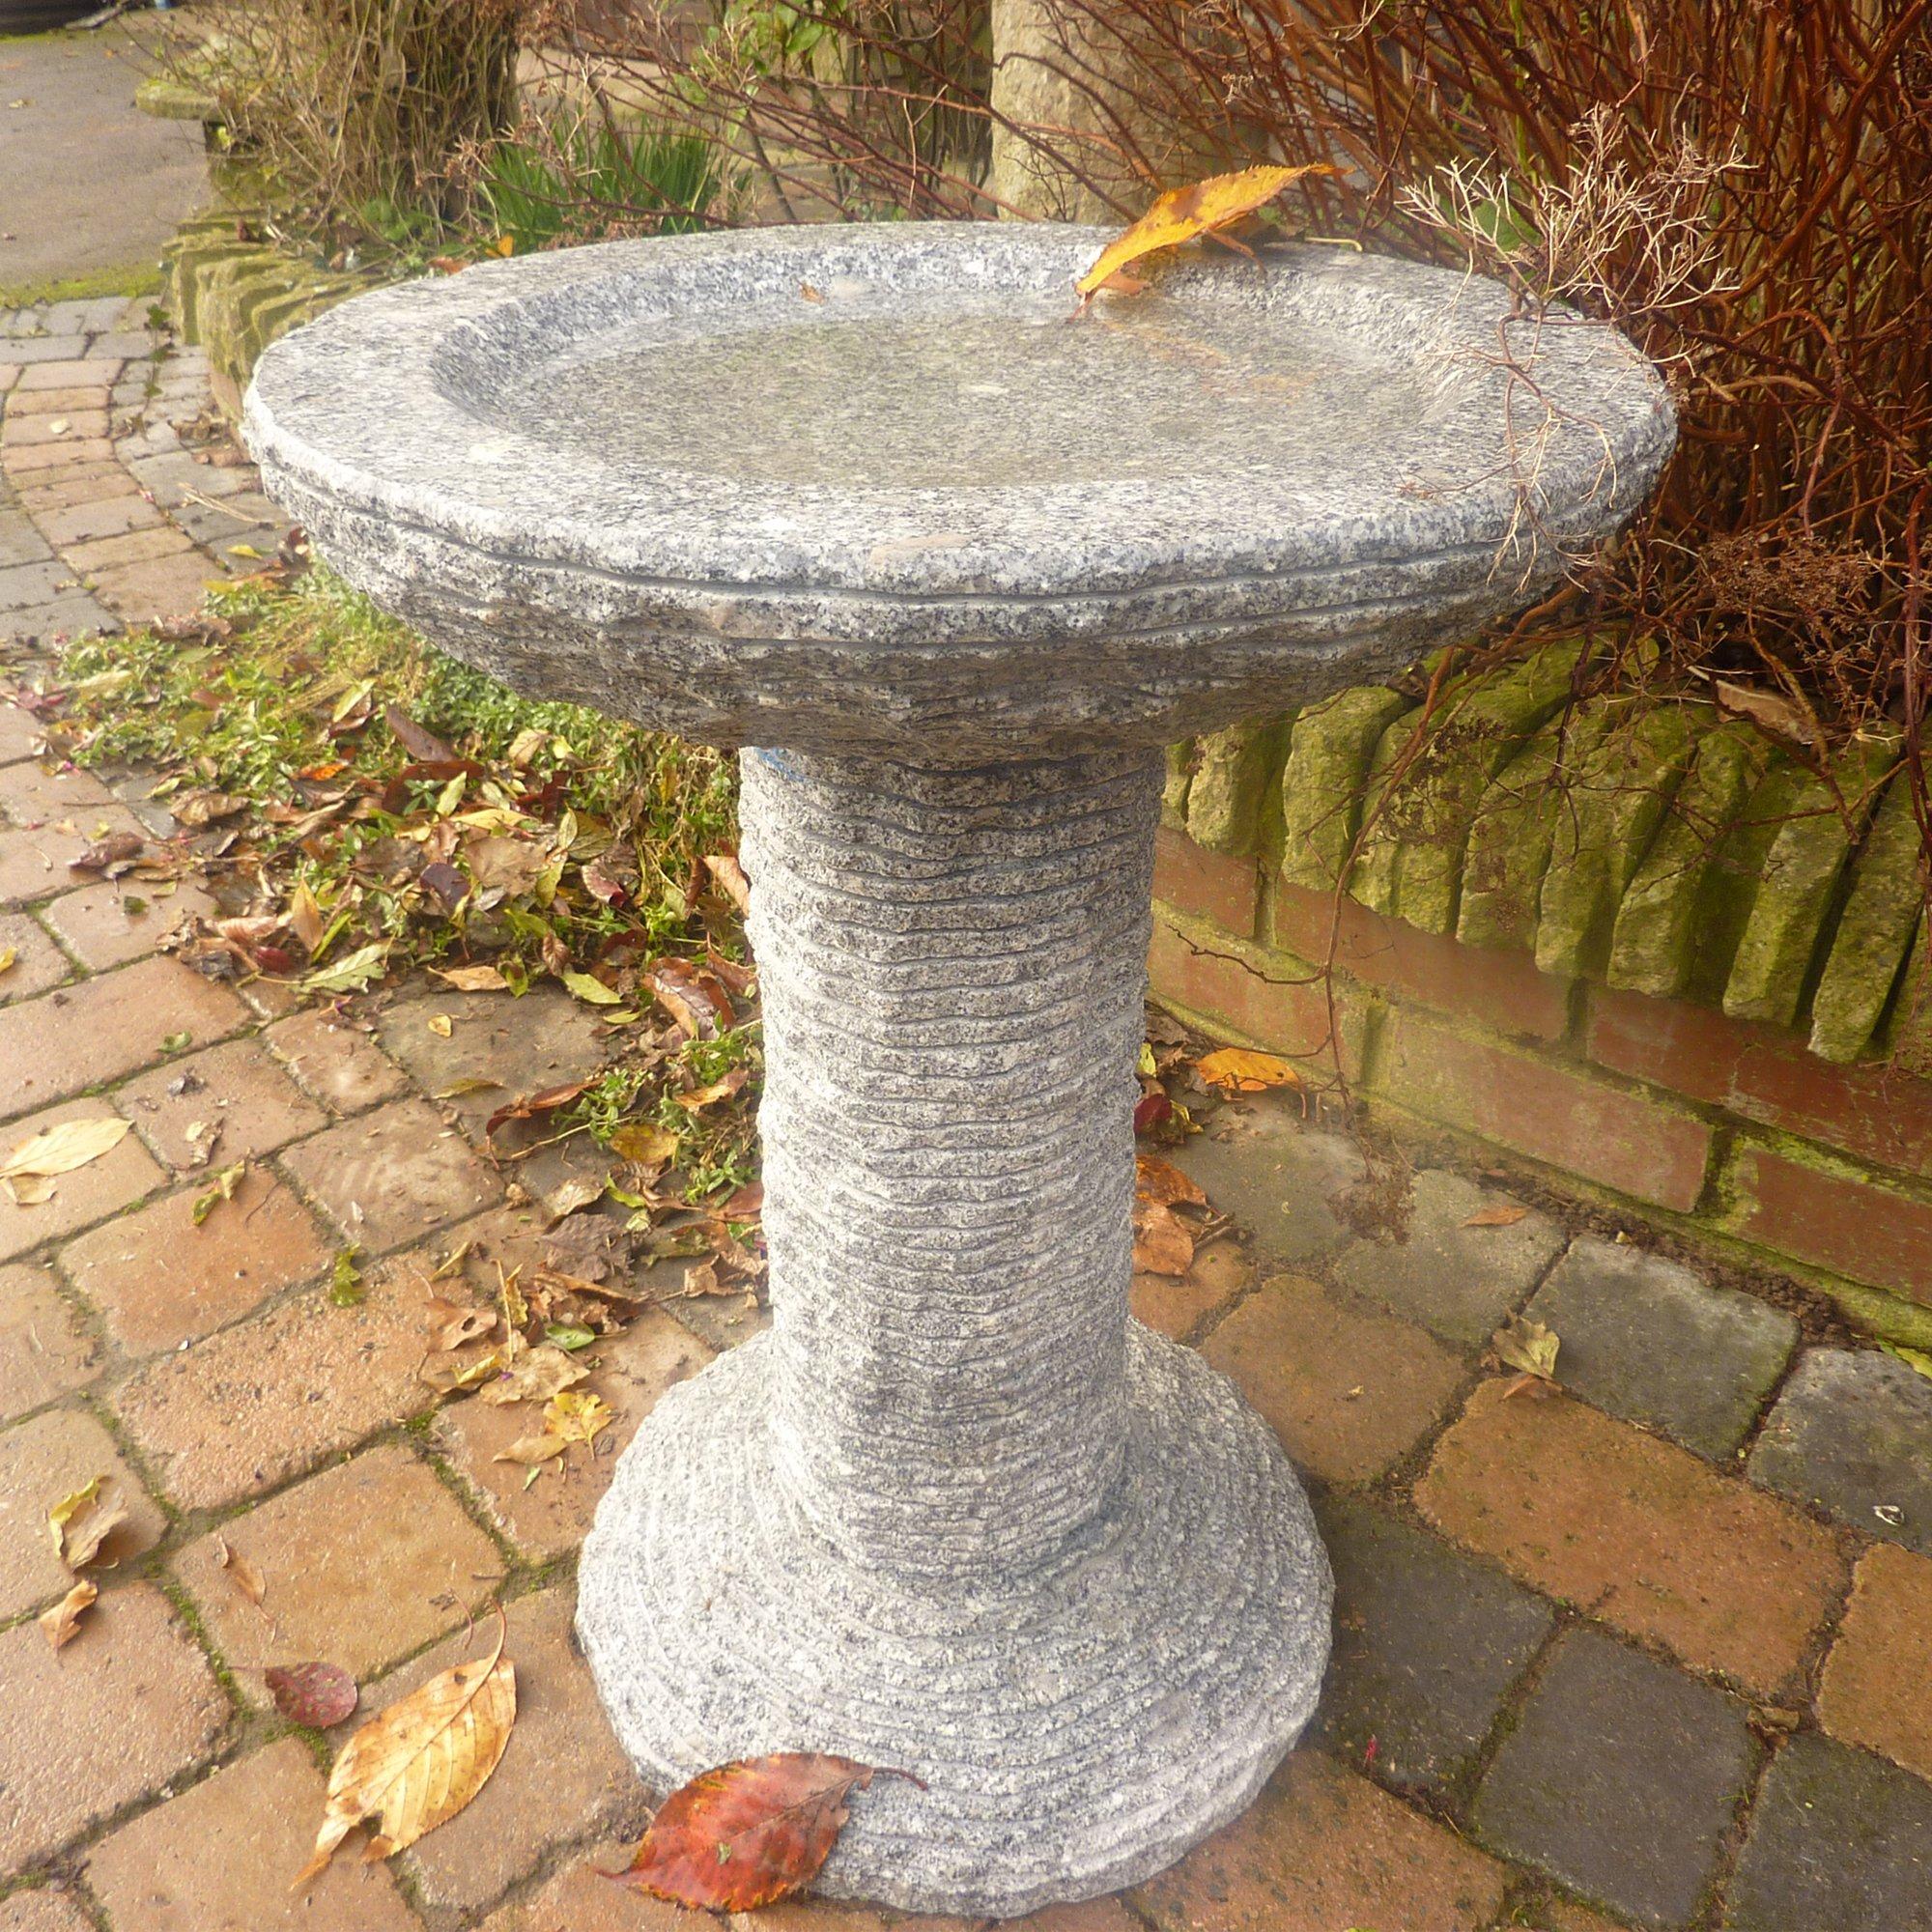 Pájaro de jardín de baño Feeder – Highland granito Natural piedra bebedero para pájaros: Amazon.es: Jardín